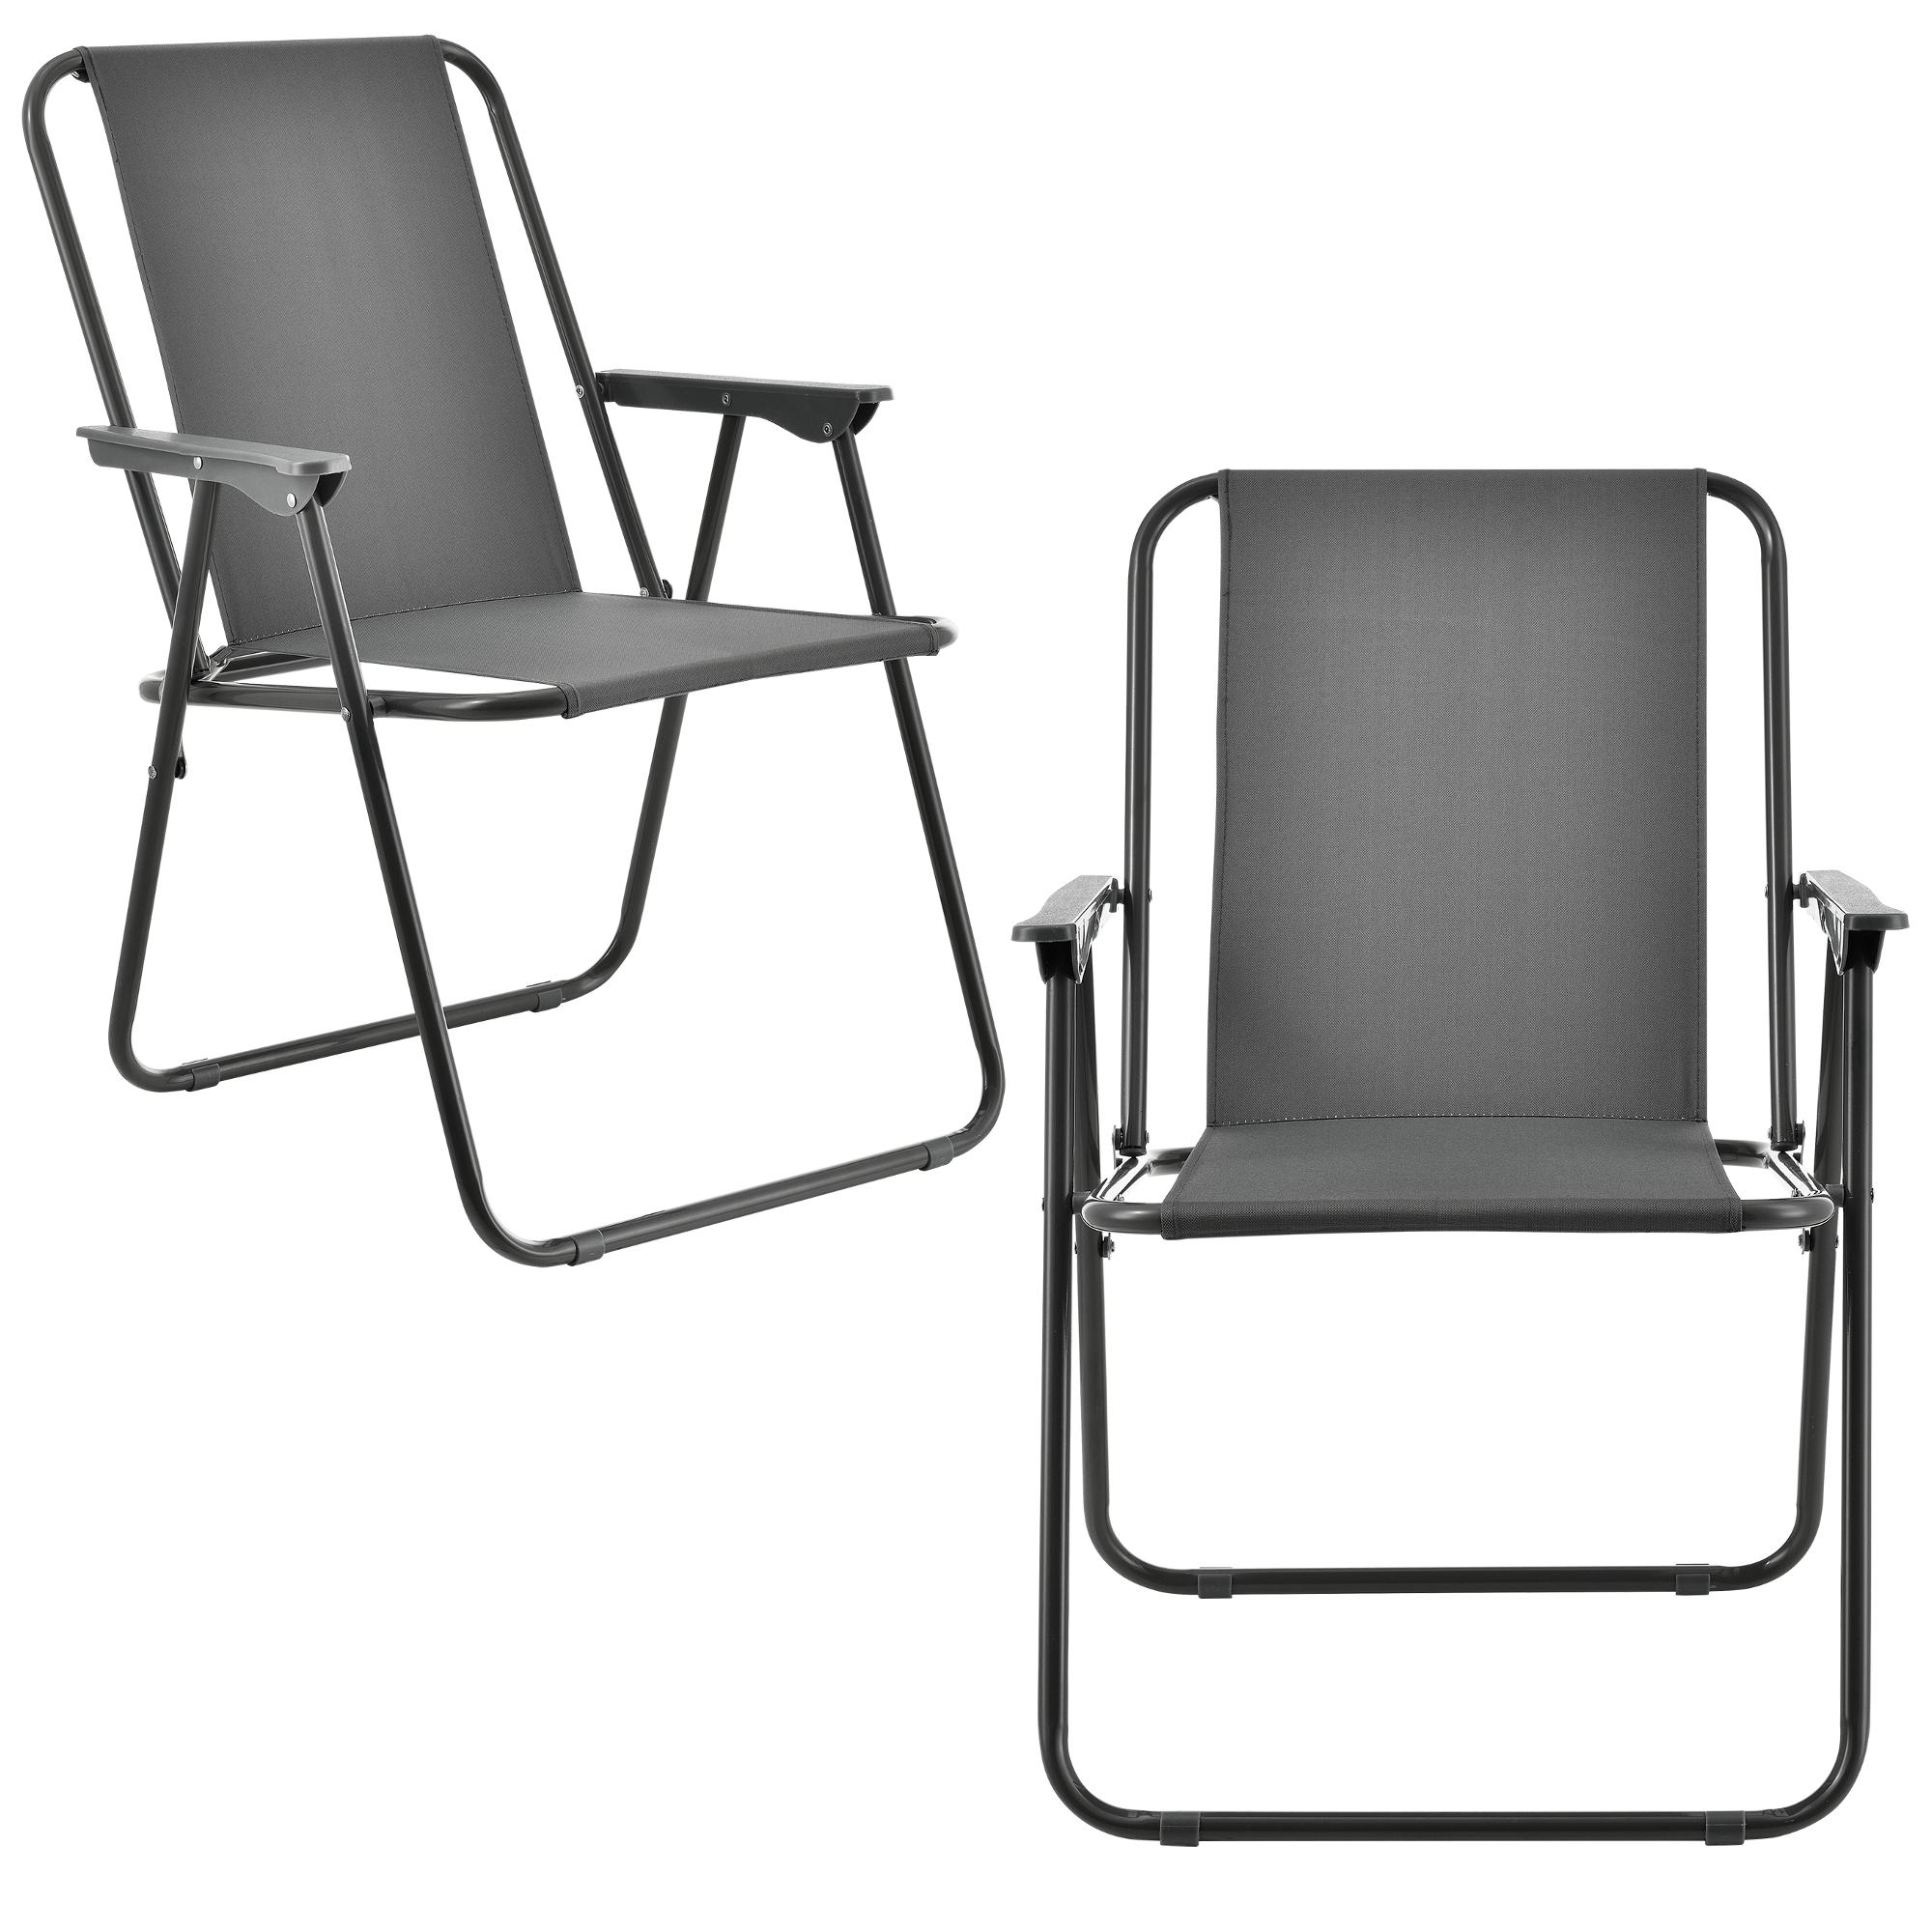 [casa.pro]® Camping židle - dvojité rybářské křeslo set,74 x 54 cm 31 x 37,5 cm,tmavo šedá